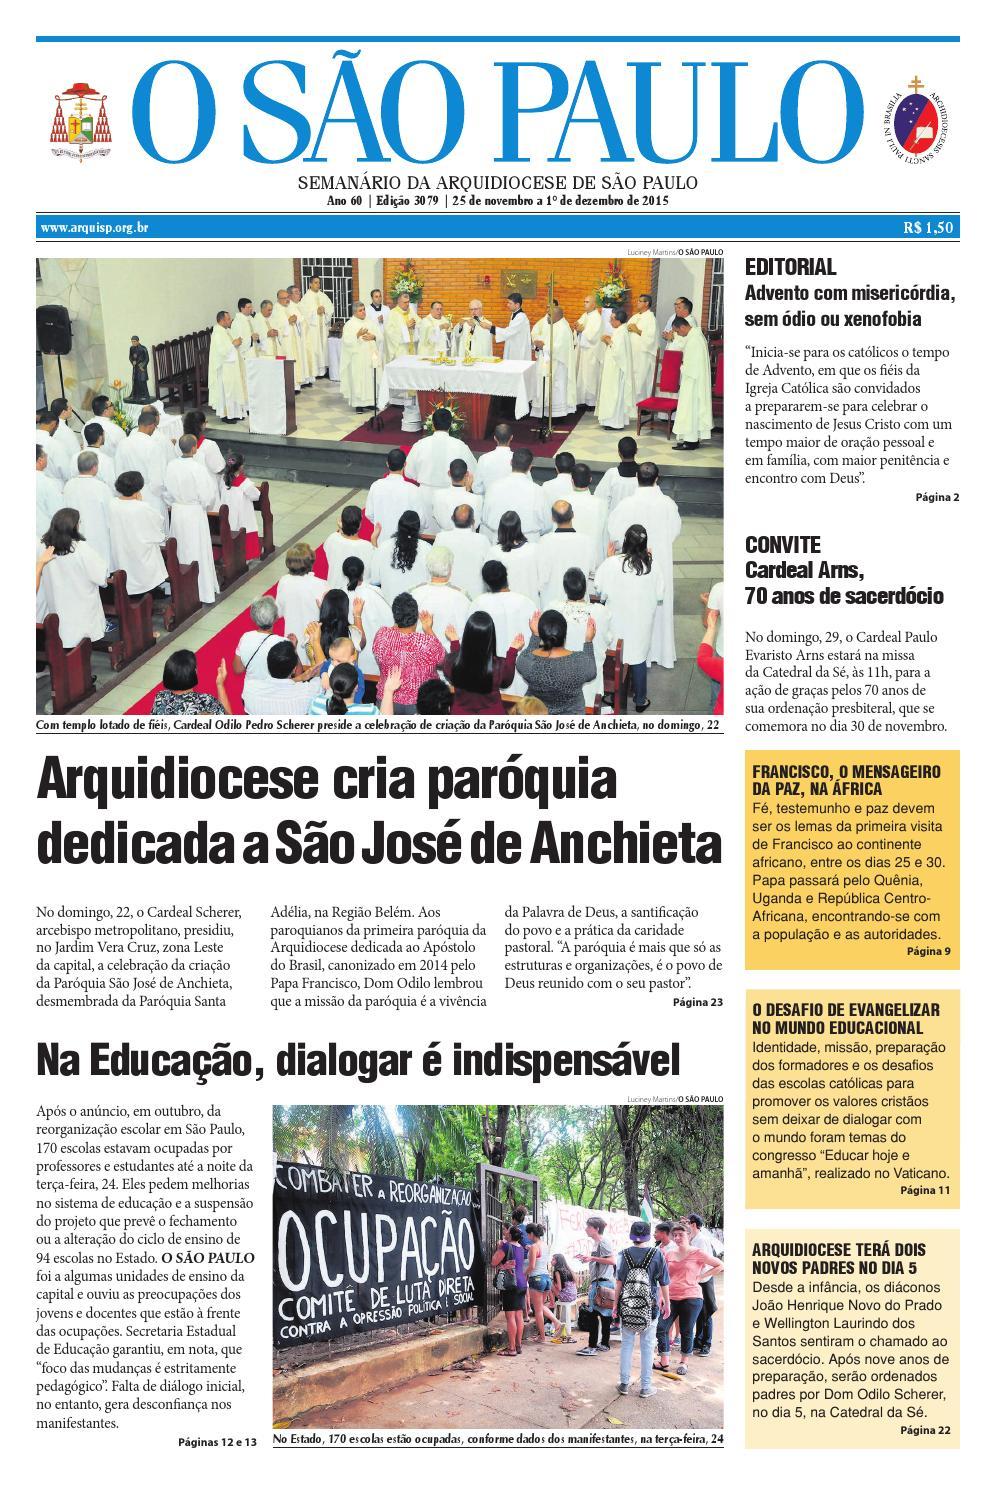 e6a5ab13b O SÃO PAULO - 3079 by jornal O SAO PAULO - issuu